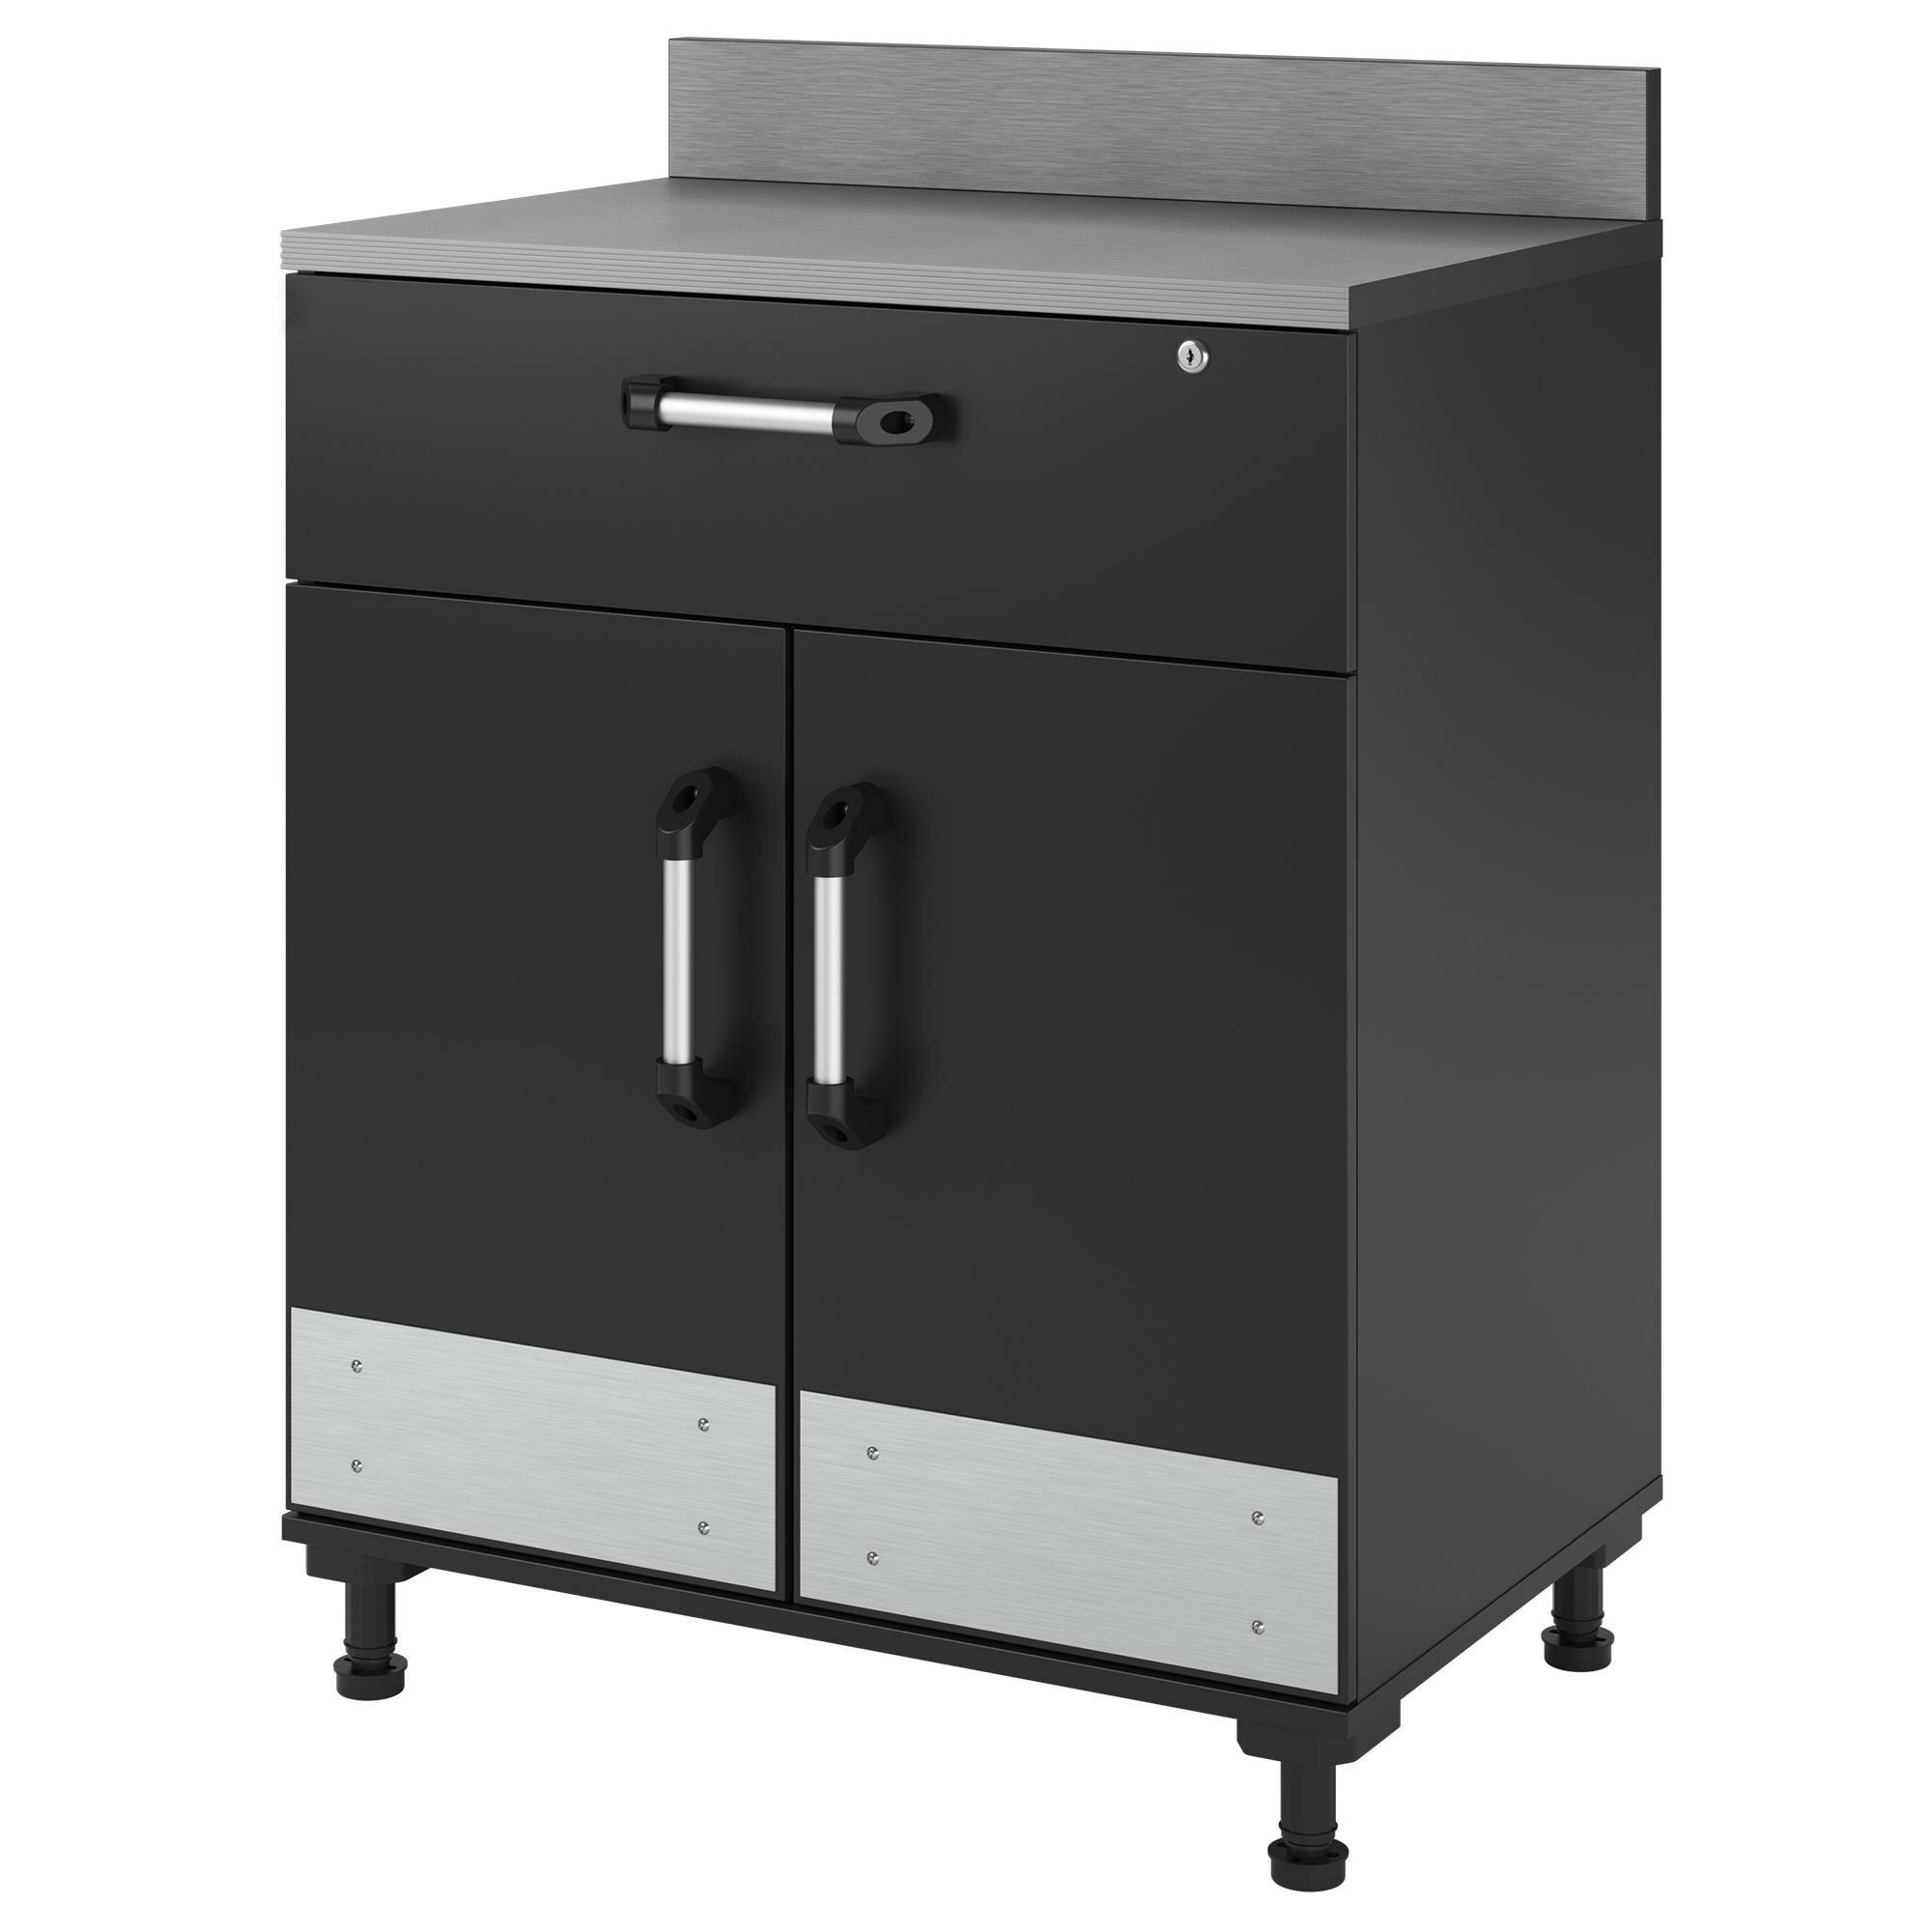 Altra boss 41 h x 29 7 w x 19 7 d 2 door 1 drawer for 1 drawer 2 door cabinet